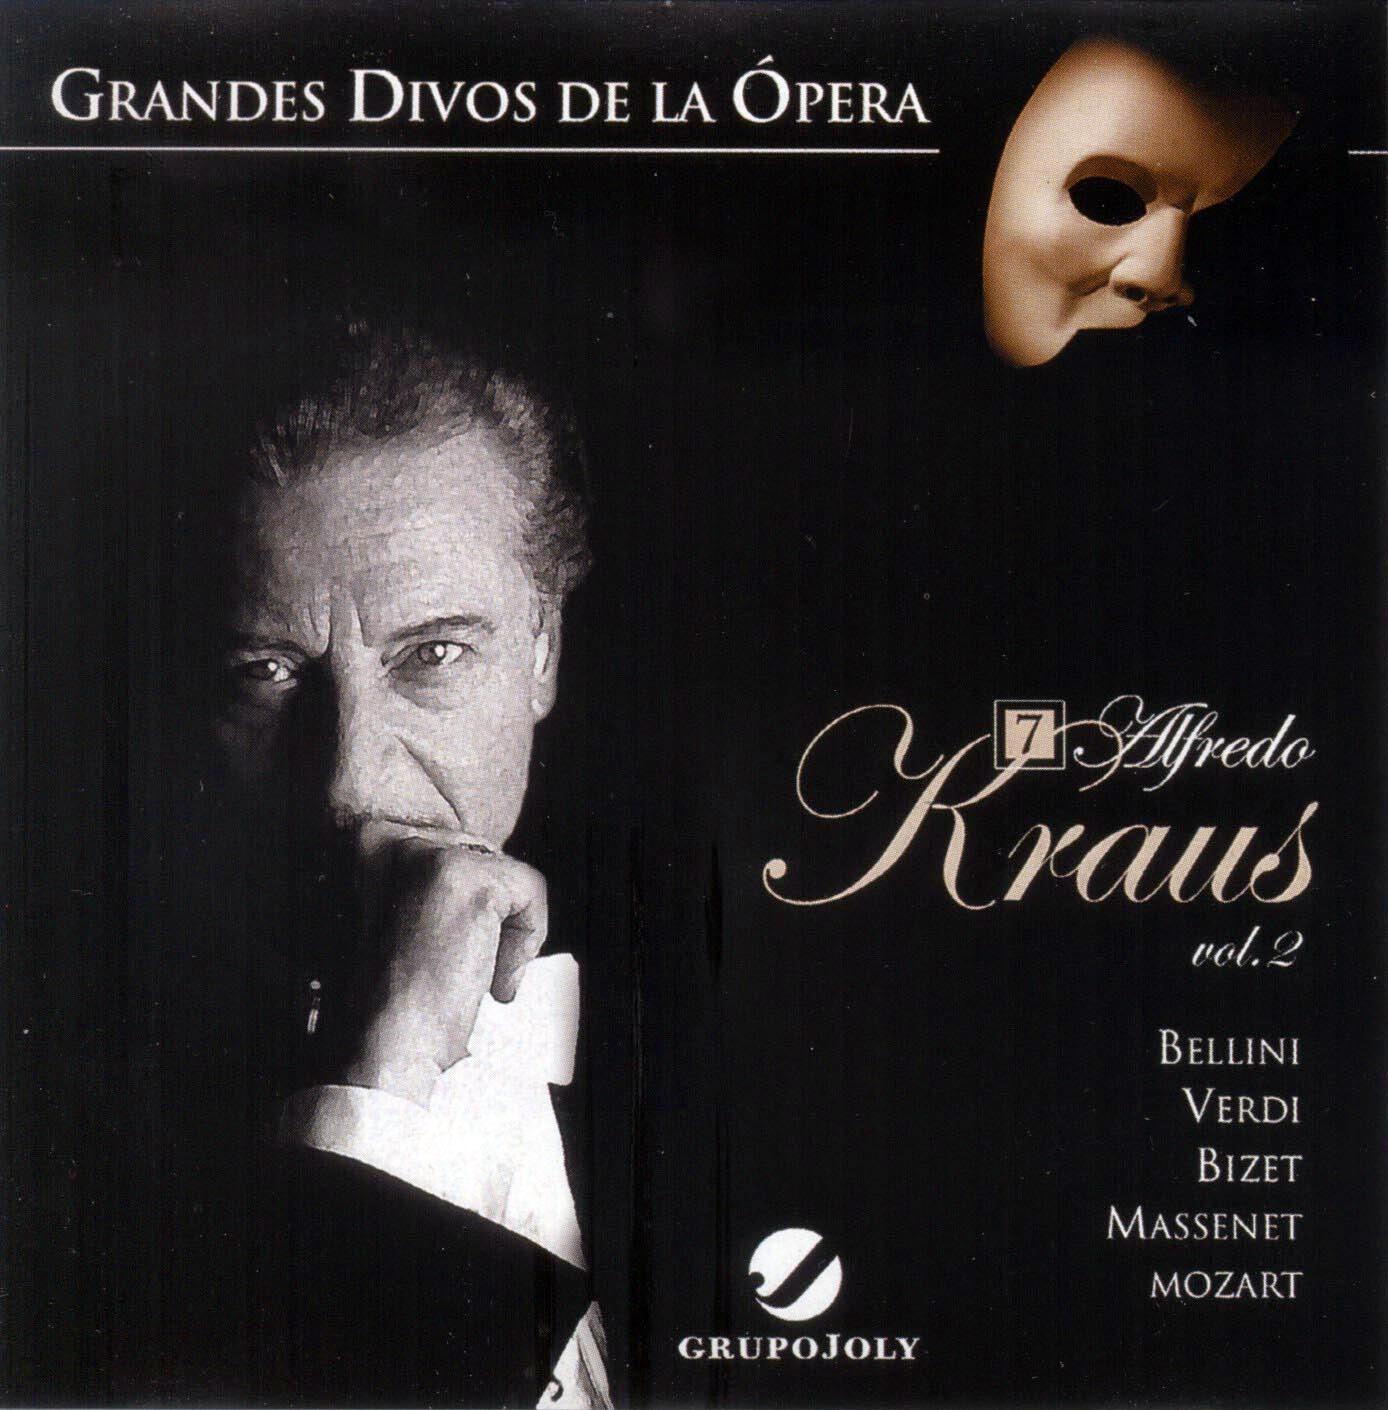 Grandes Divos de la Ópera-cd7-Alfredo Kraus-carátula frontal